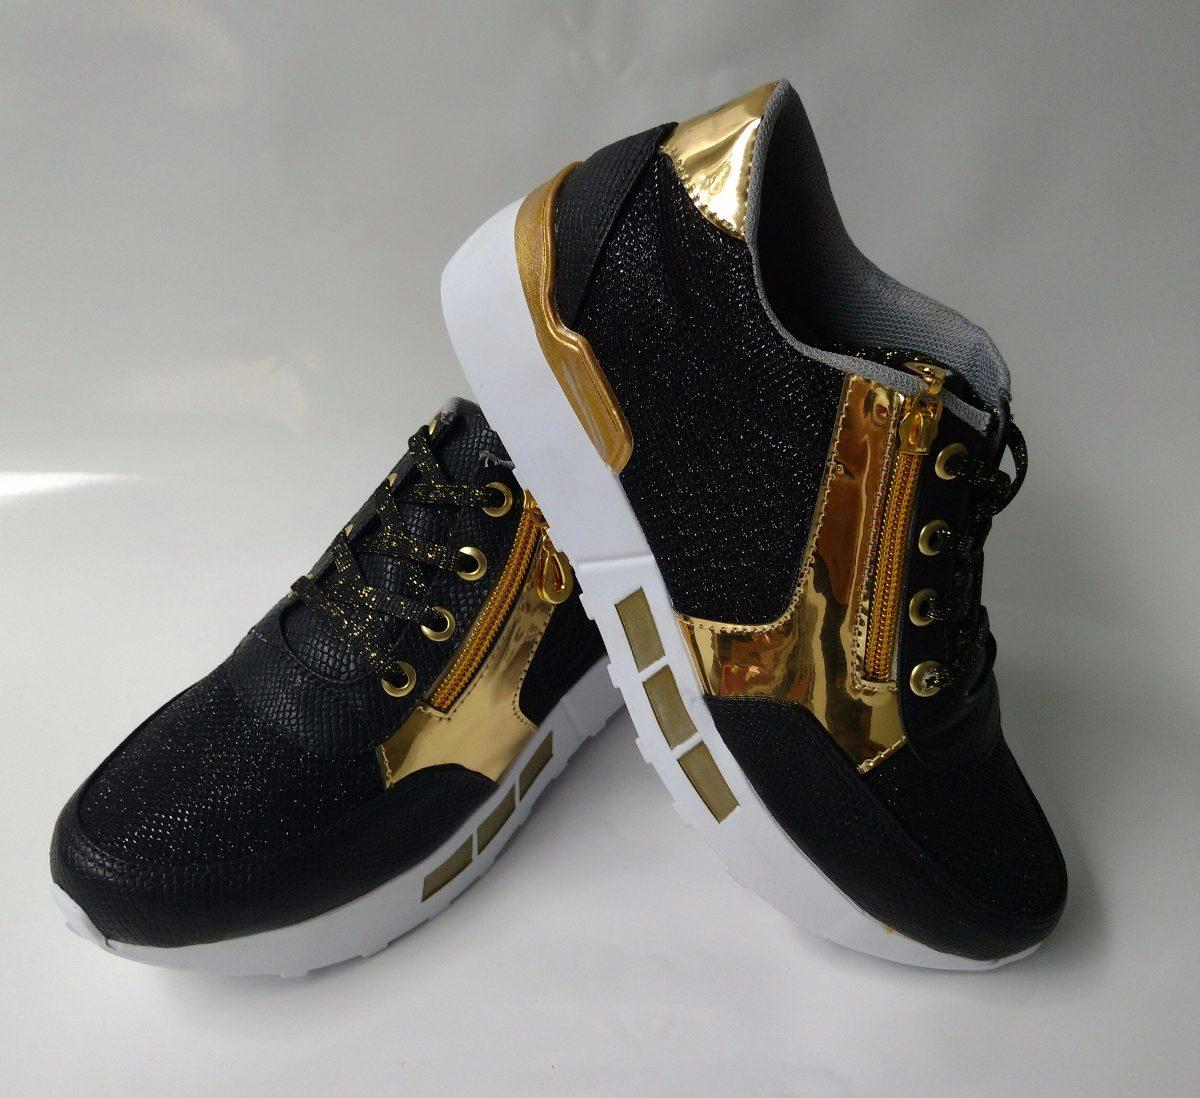 8d32a7afb63 deportivos para mujer zapatos calzados moda envío gratis. Cargando zoom.